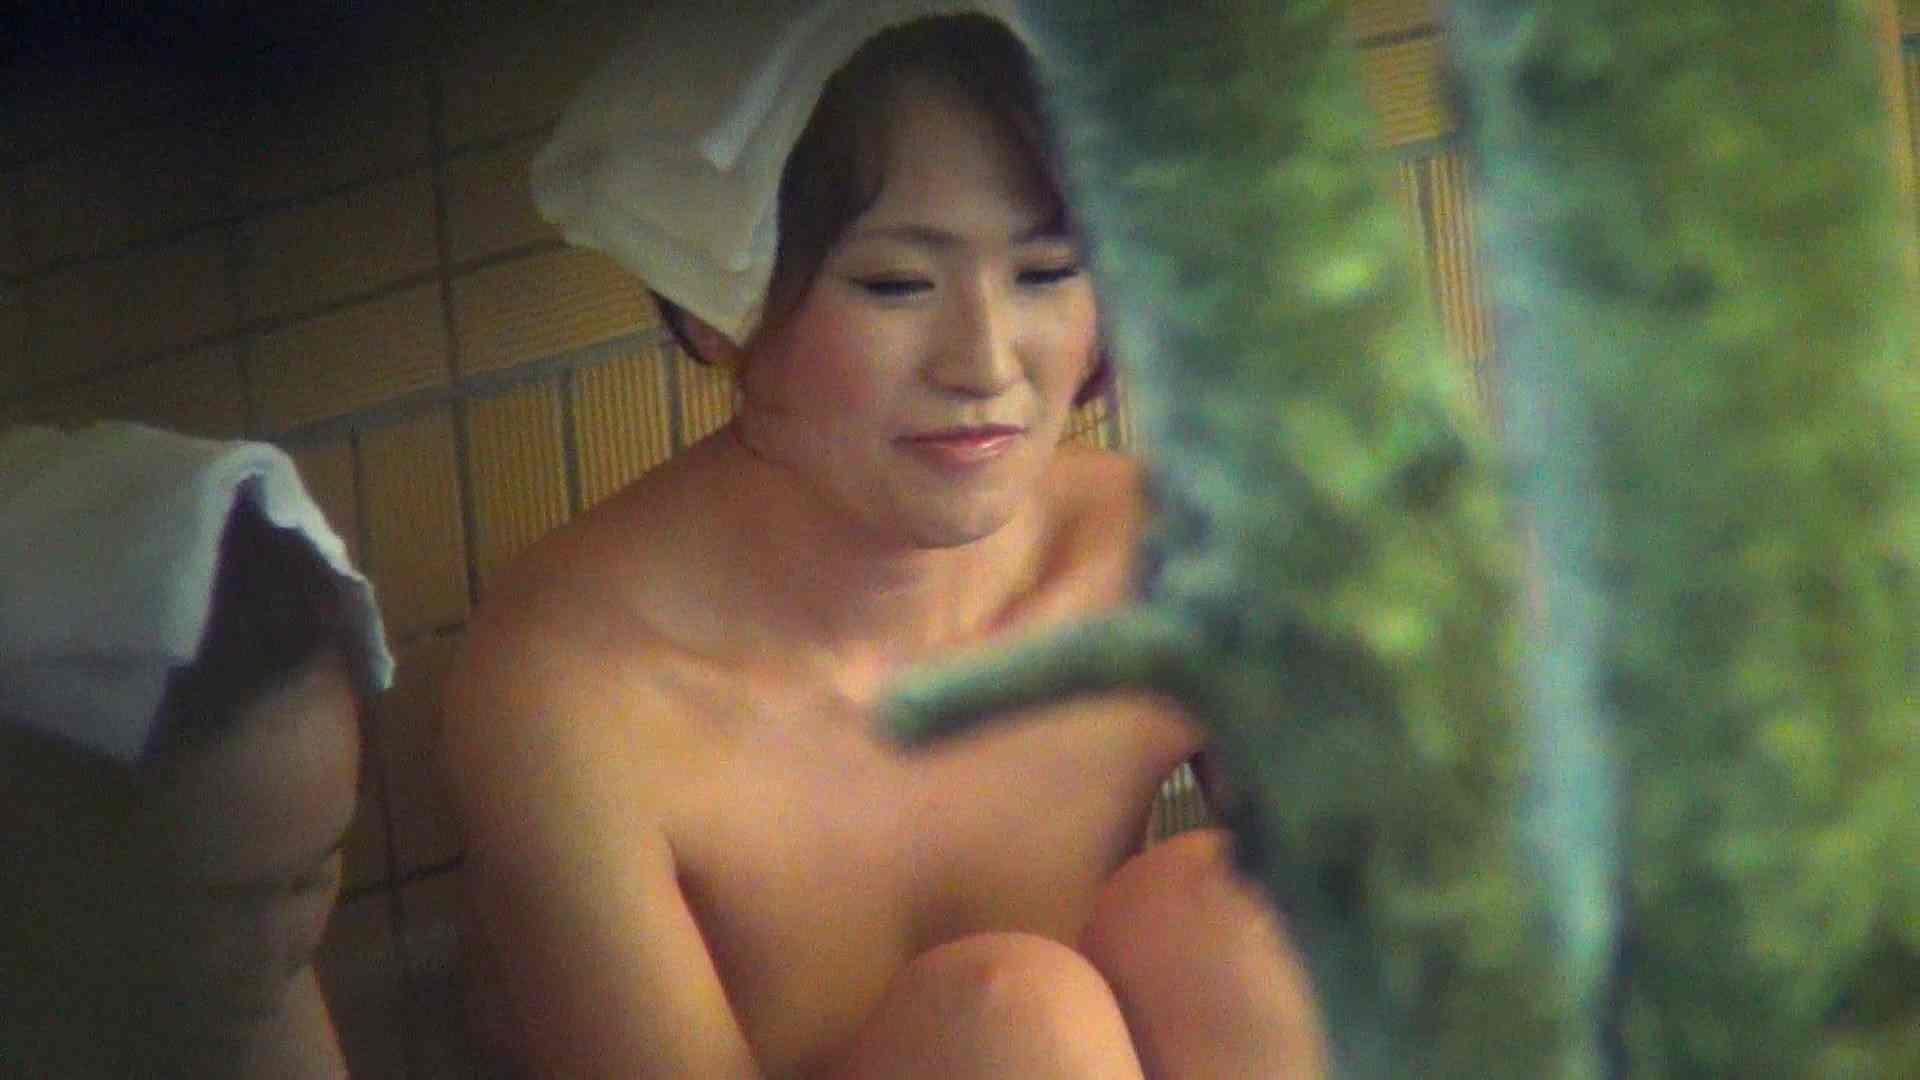 Aquaな露天風呂Vol.272 OLハメ撮り  68Pix 8